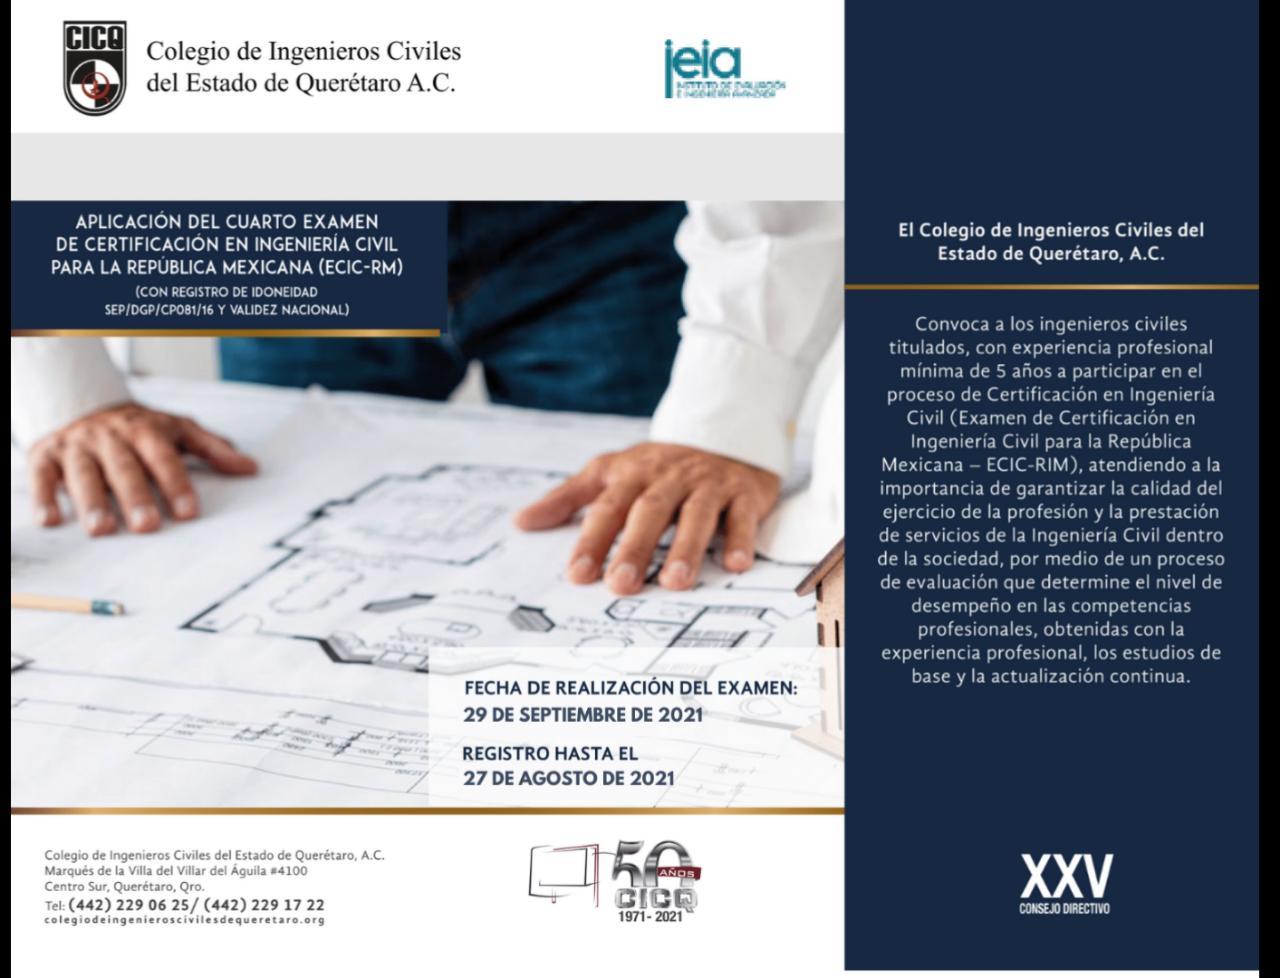 Ingenieros del país podrán certificarse el 29 de septiembre, anuncia el CICQ